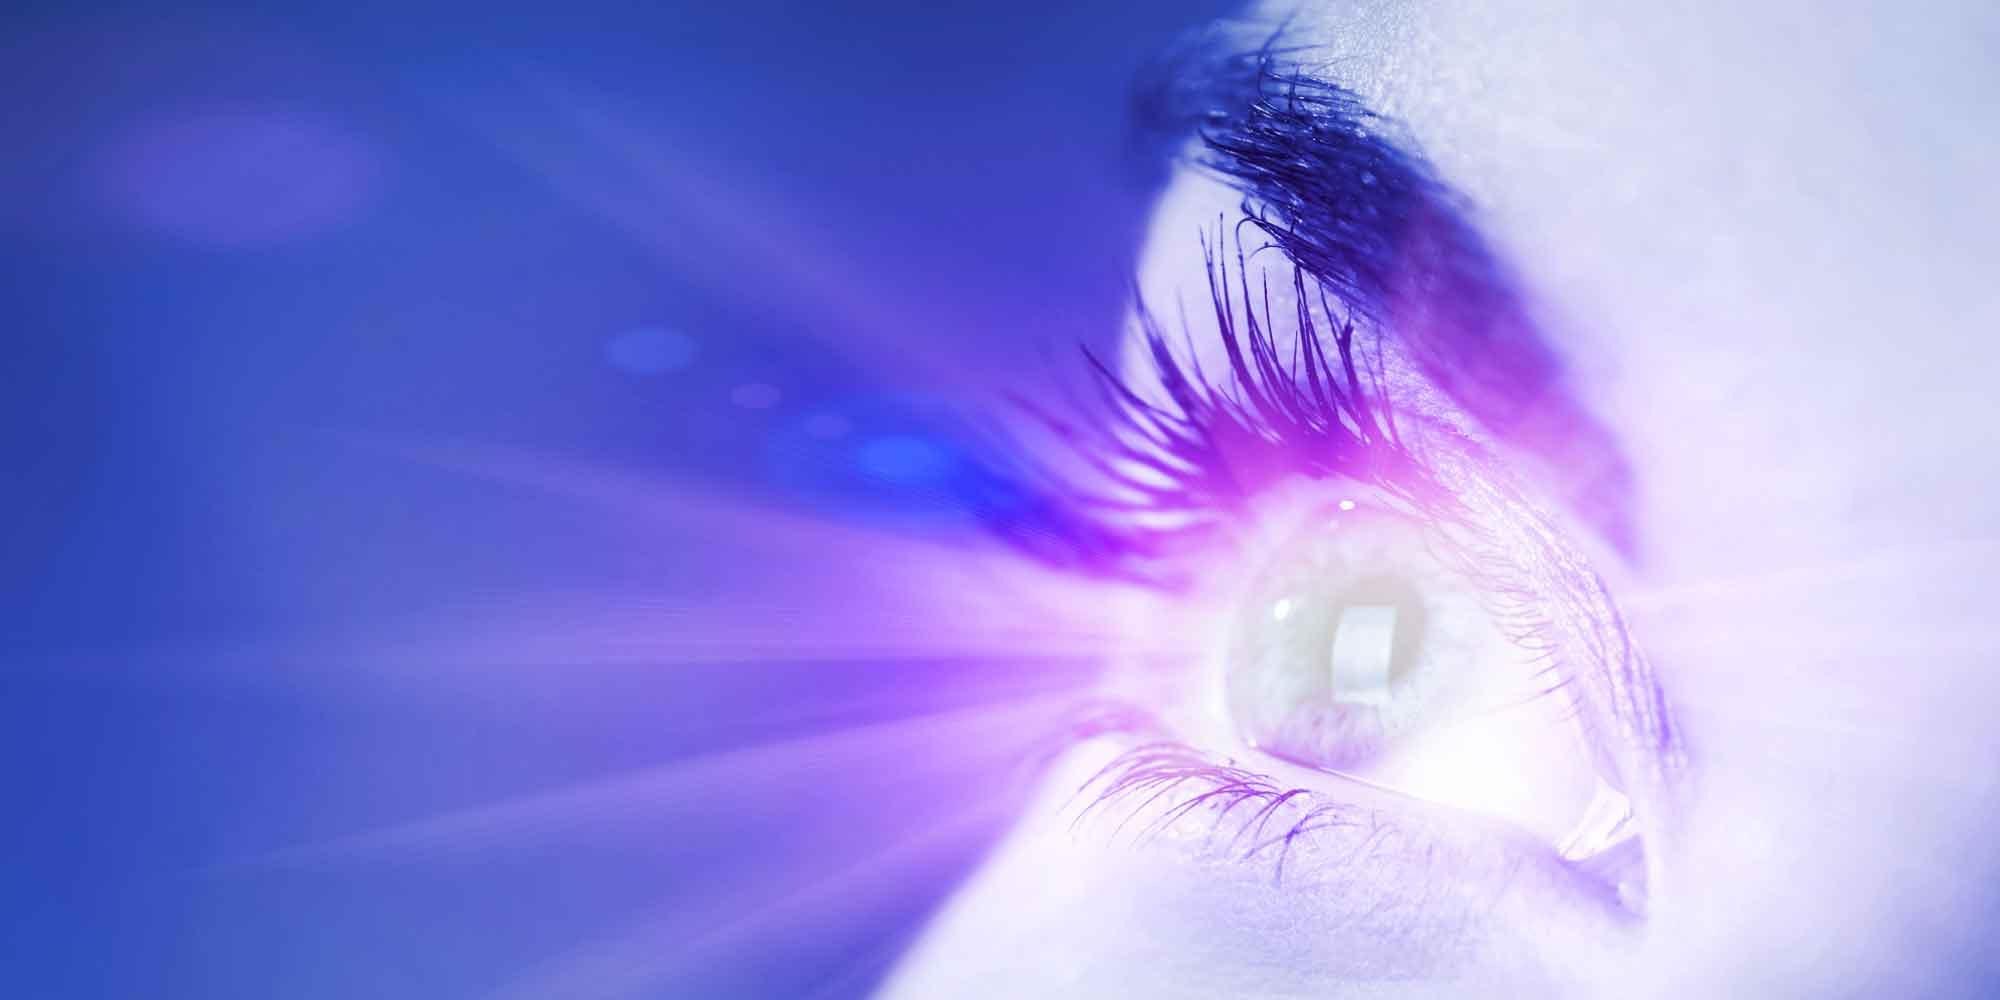 Objectifs, Focus et Vision pour des résultats à 100 000€ annuels